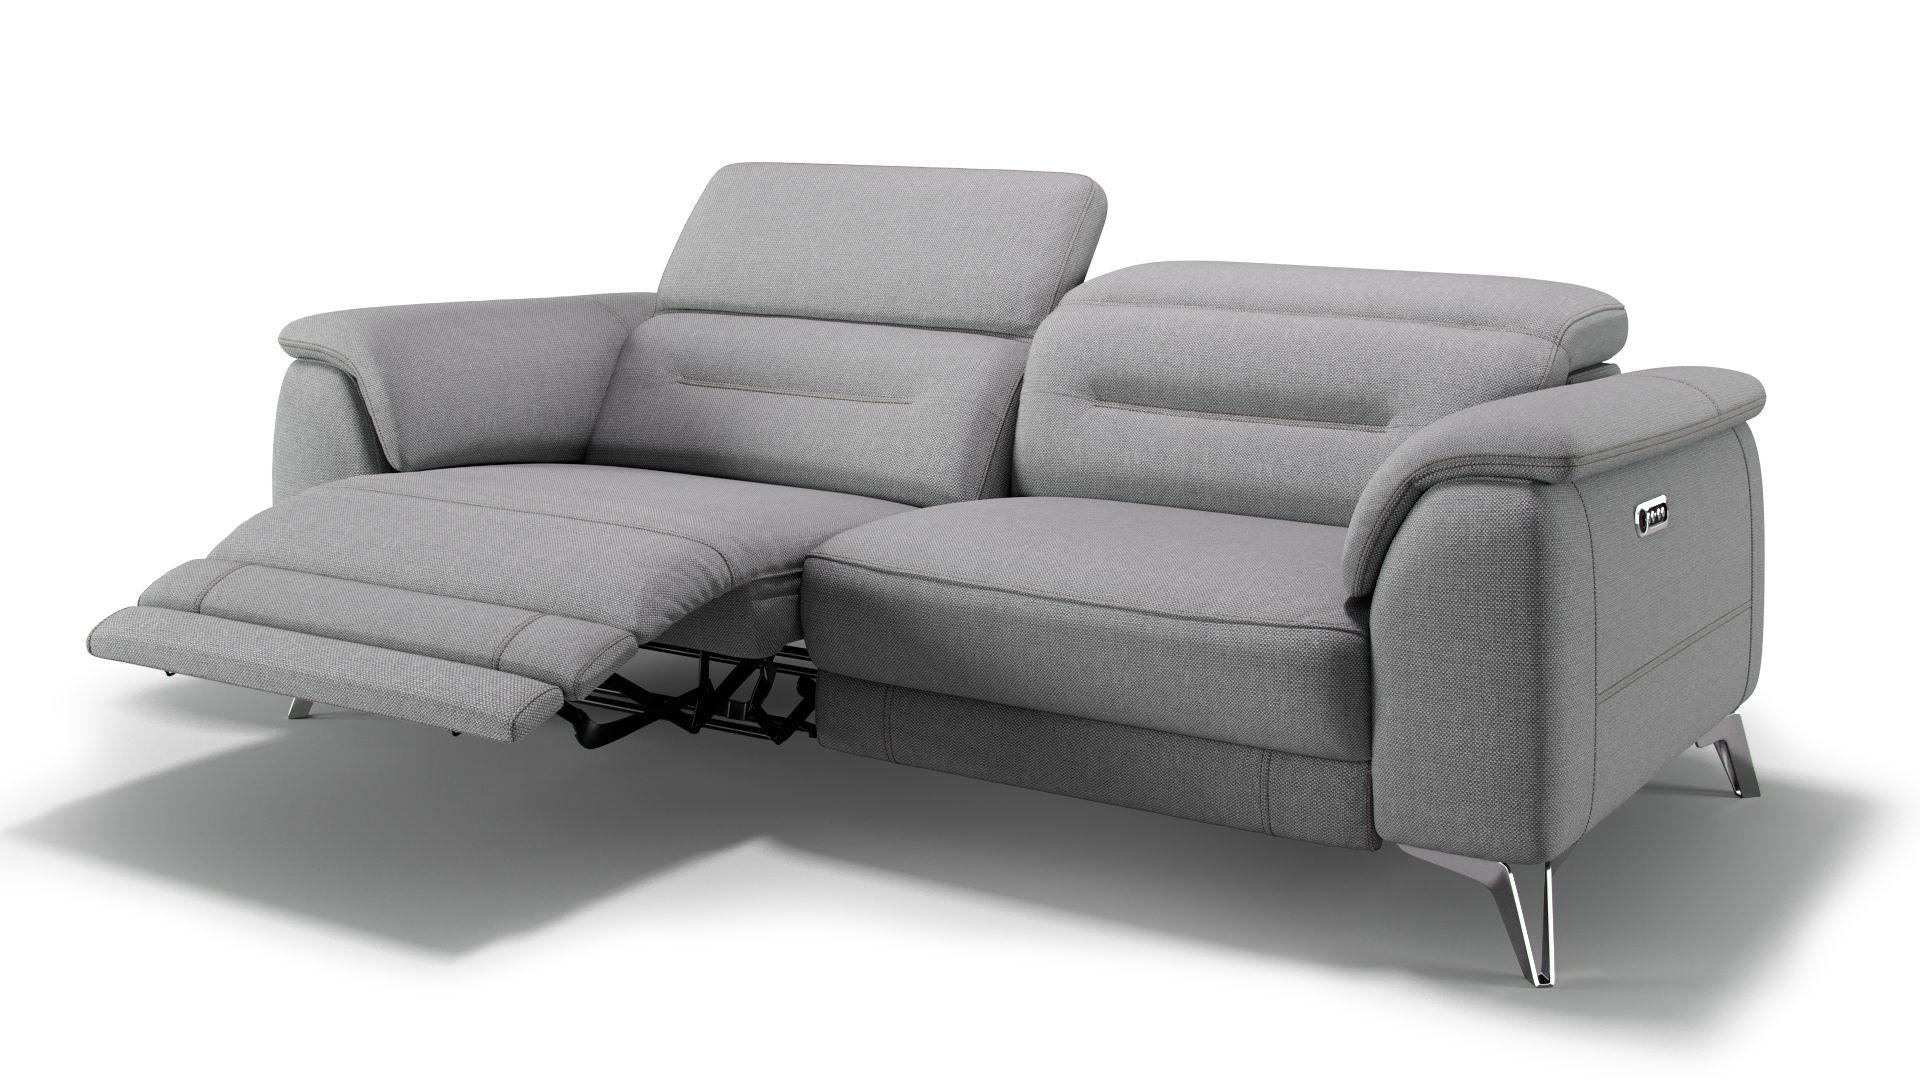 Full Size of Leder Sofa Elektrische Sitztiefenverstellung Statisch Aufgeladen Was Tun Ist Aufgeladen Was Elektrisch Erfahrungen Ausfahrbar Durch Warum Mein Geladen Sofa Sofa Elektrisch